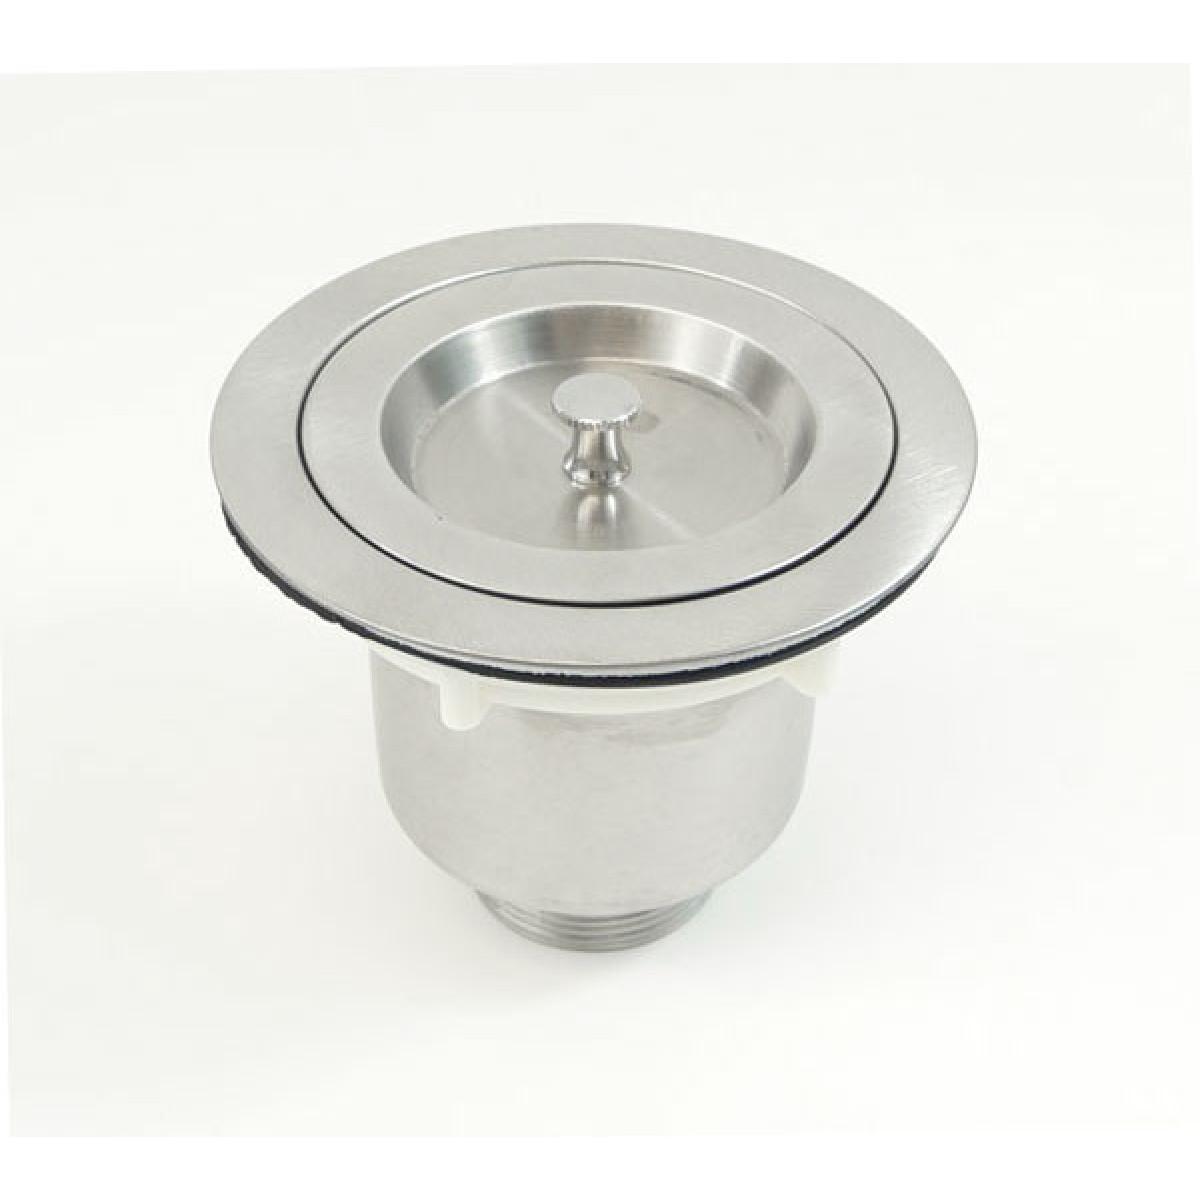 Kitchen Sink Basket Strainer Kitchen bar sink basket strainer with lift out basket workwithnaturefo